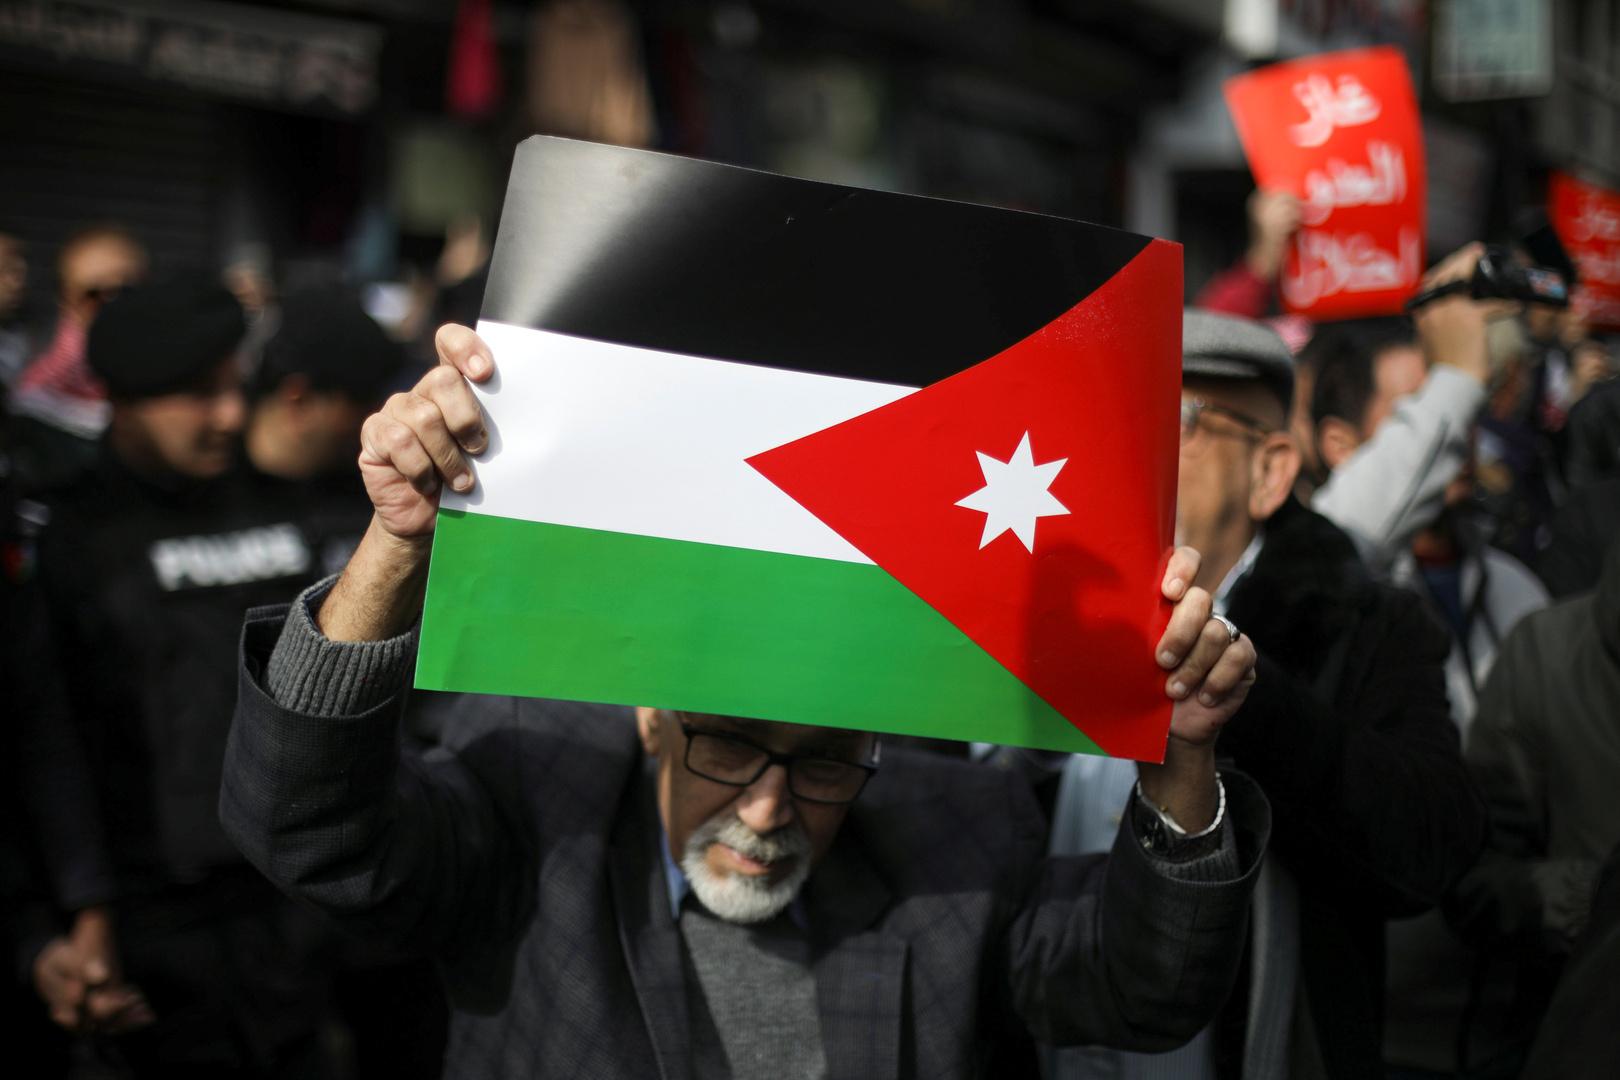 مع قرار منع تصدير السلع.. وزيرة الصناعة والتجارة الأردنية تكشف أن المخزون متوفر لشهرين على الأقل